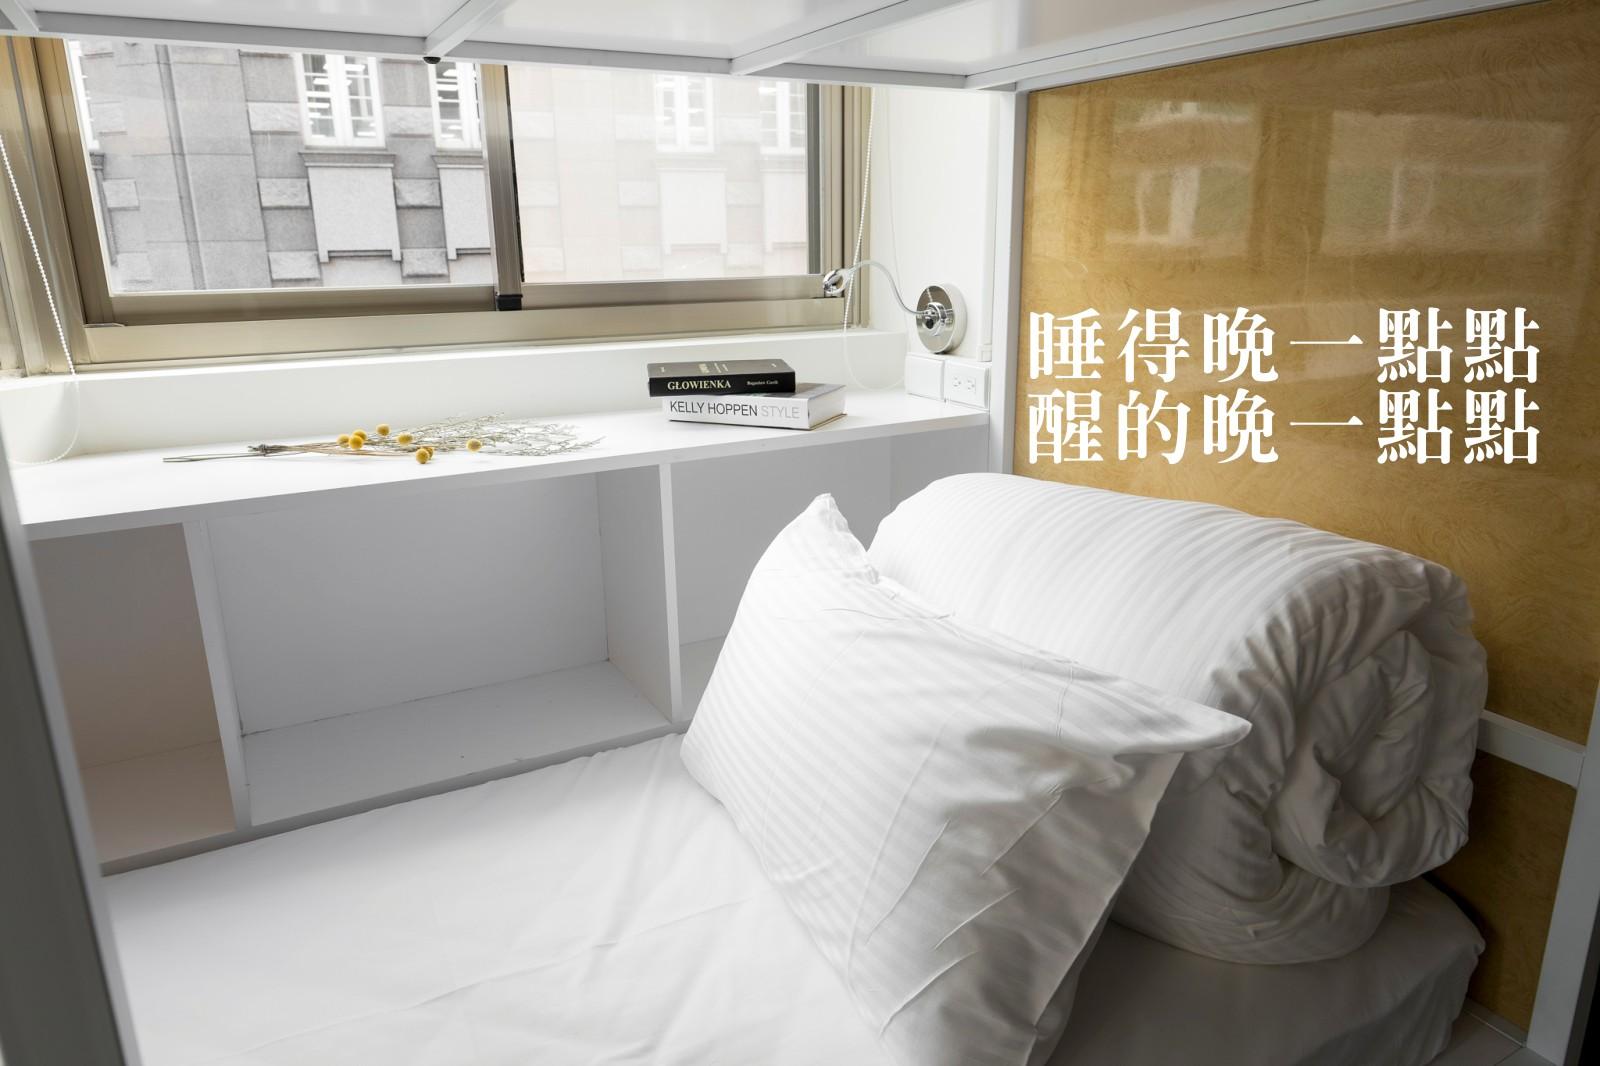 109 Hostel Taipei